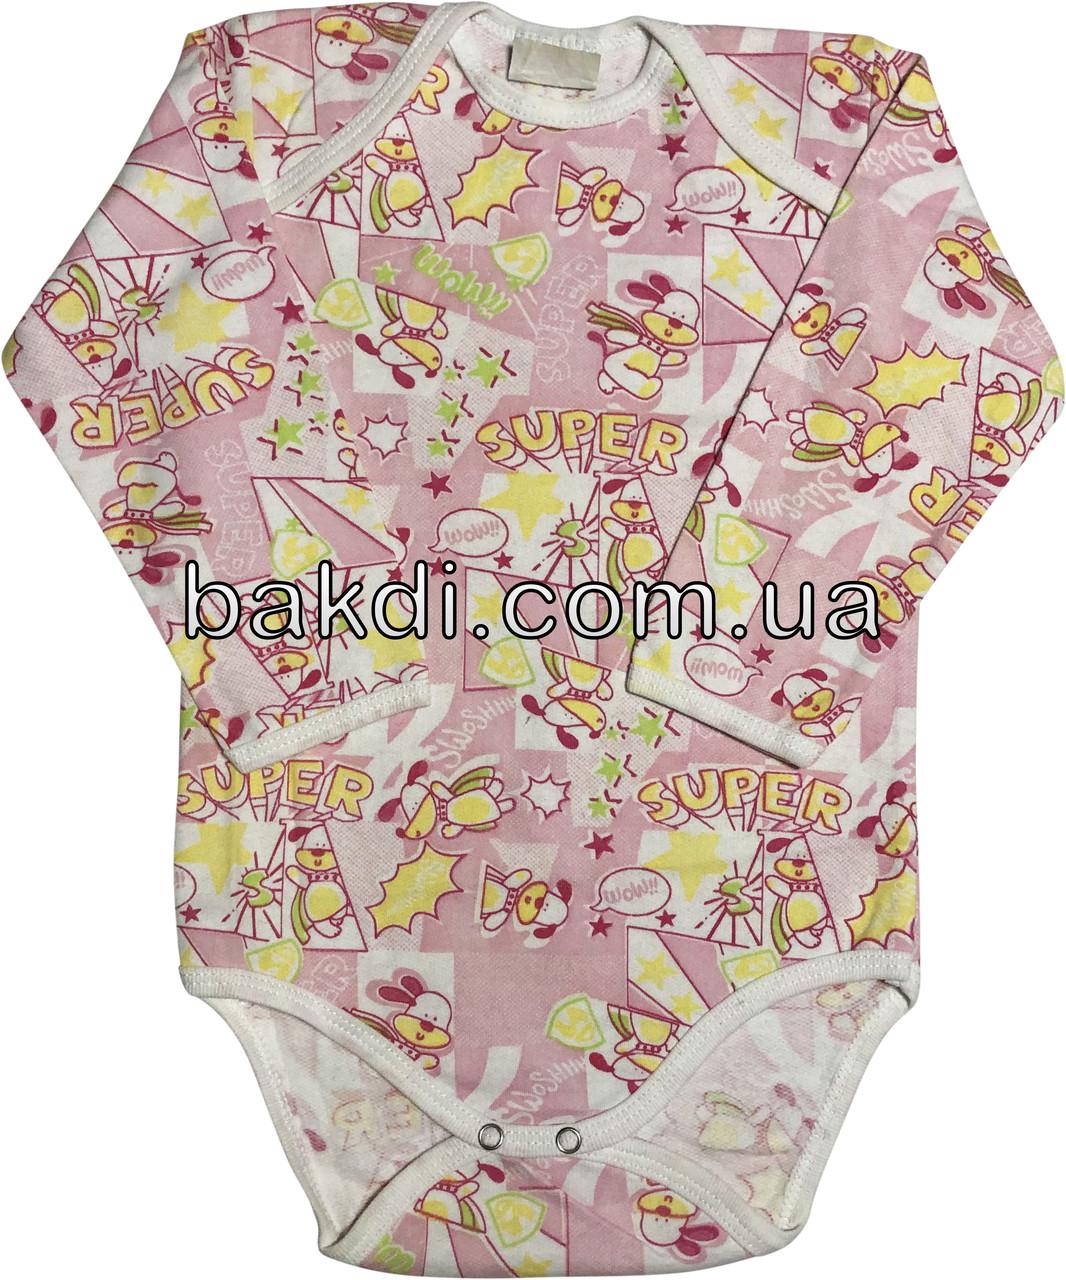 Детское тёплое боди с начёсом рост 86 1-1,5 года хлопковое футер розовое на девочку бодик с длинным рукавом для новорожденных малышей Е780